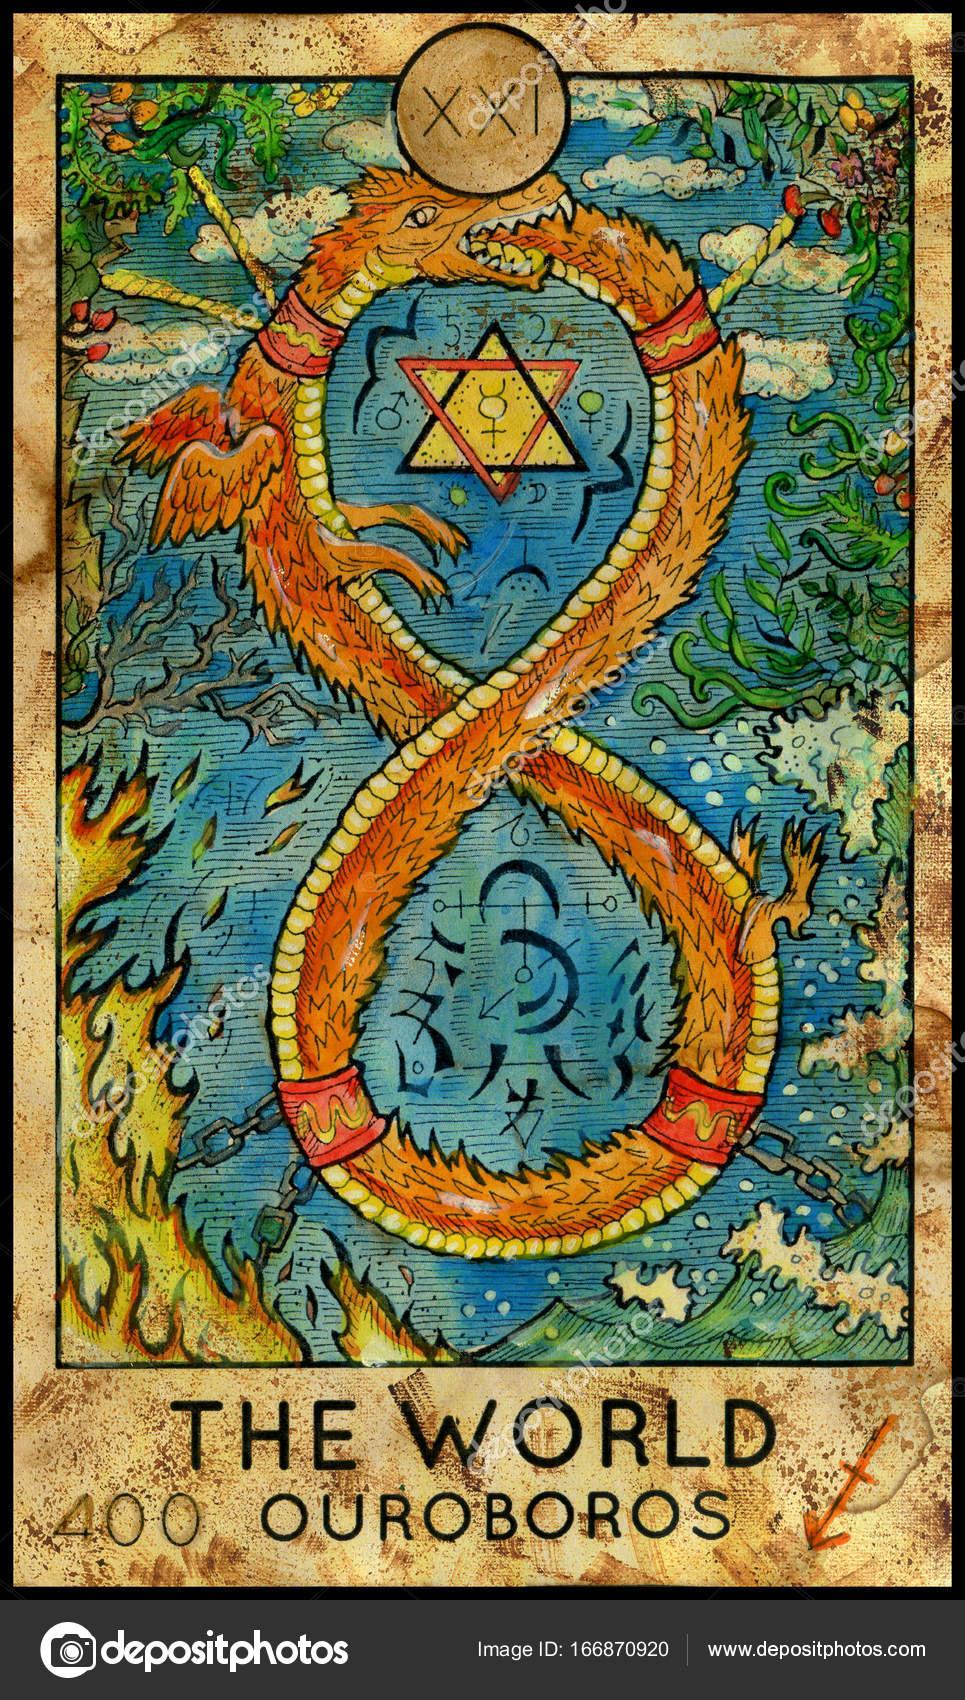 depositphotos_166870920-stock-photo-world-ouroboros-major-arcana-tarot.jpg